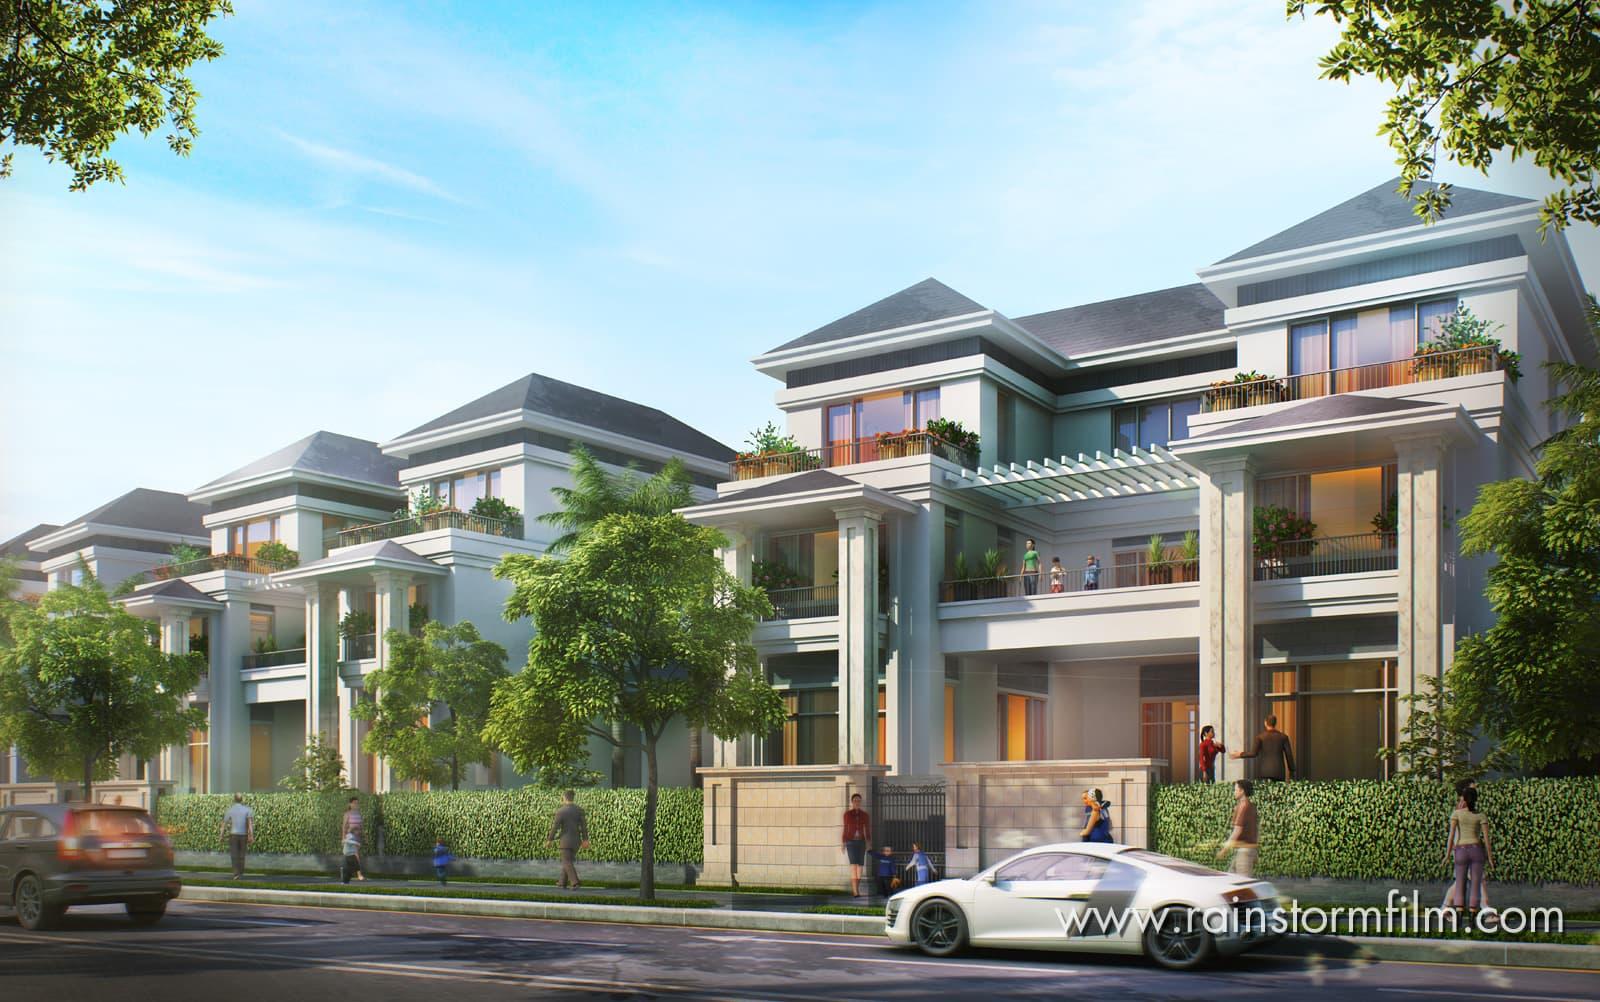 thiết kế phối cảnh dự án bất động sản